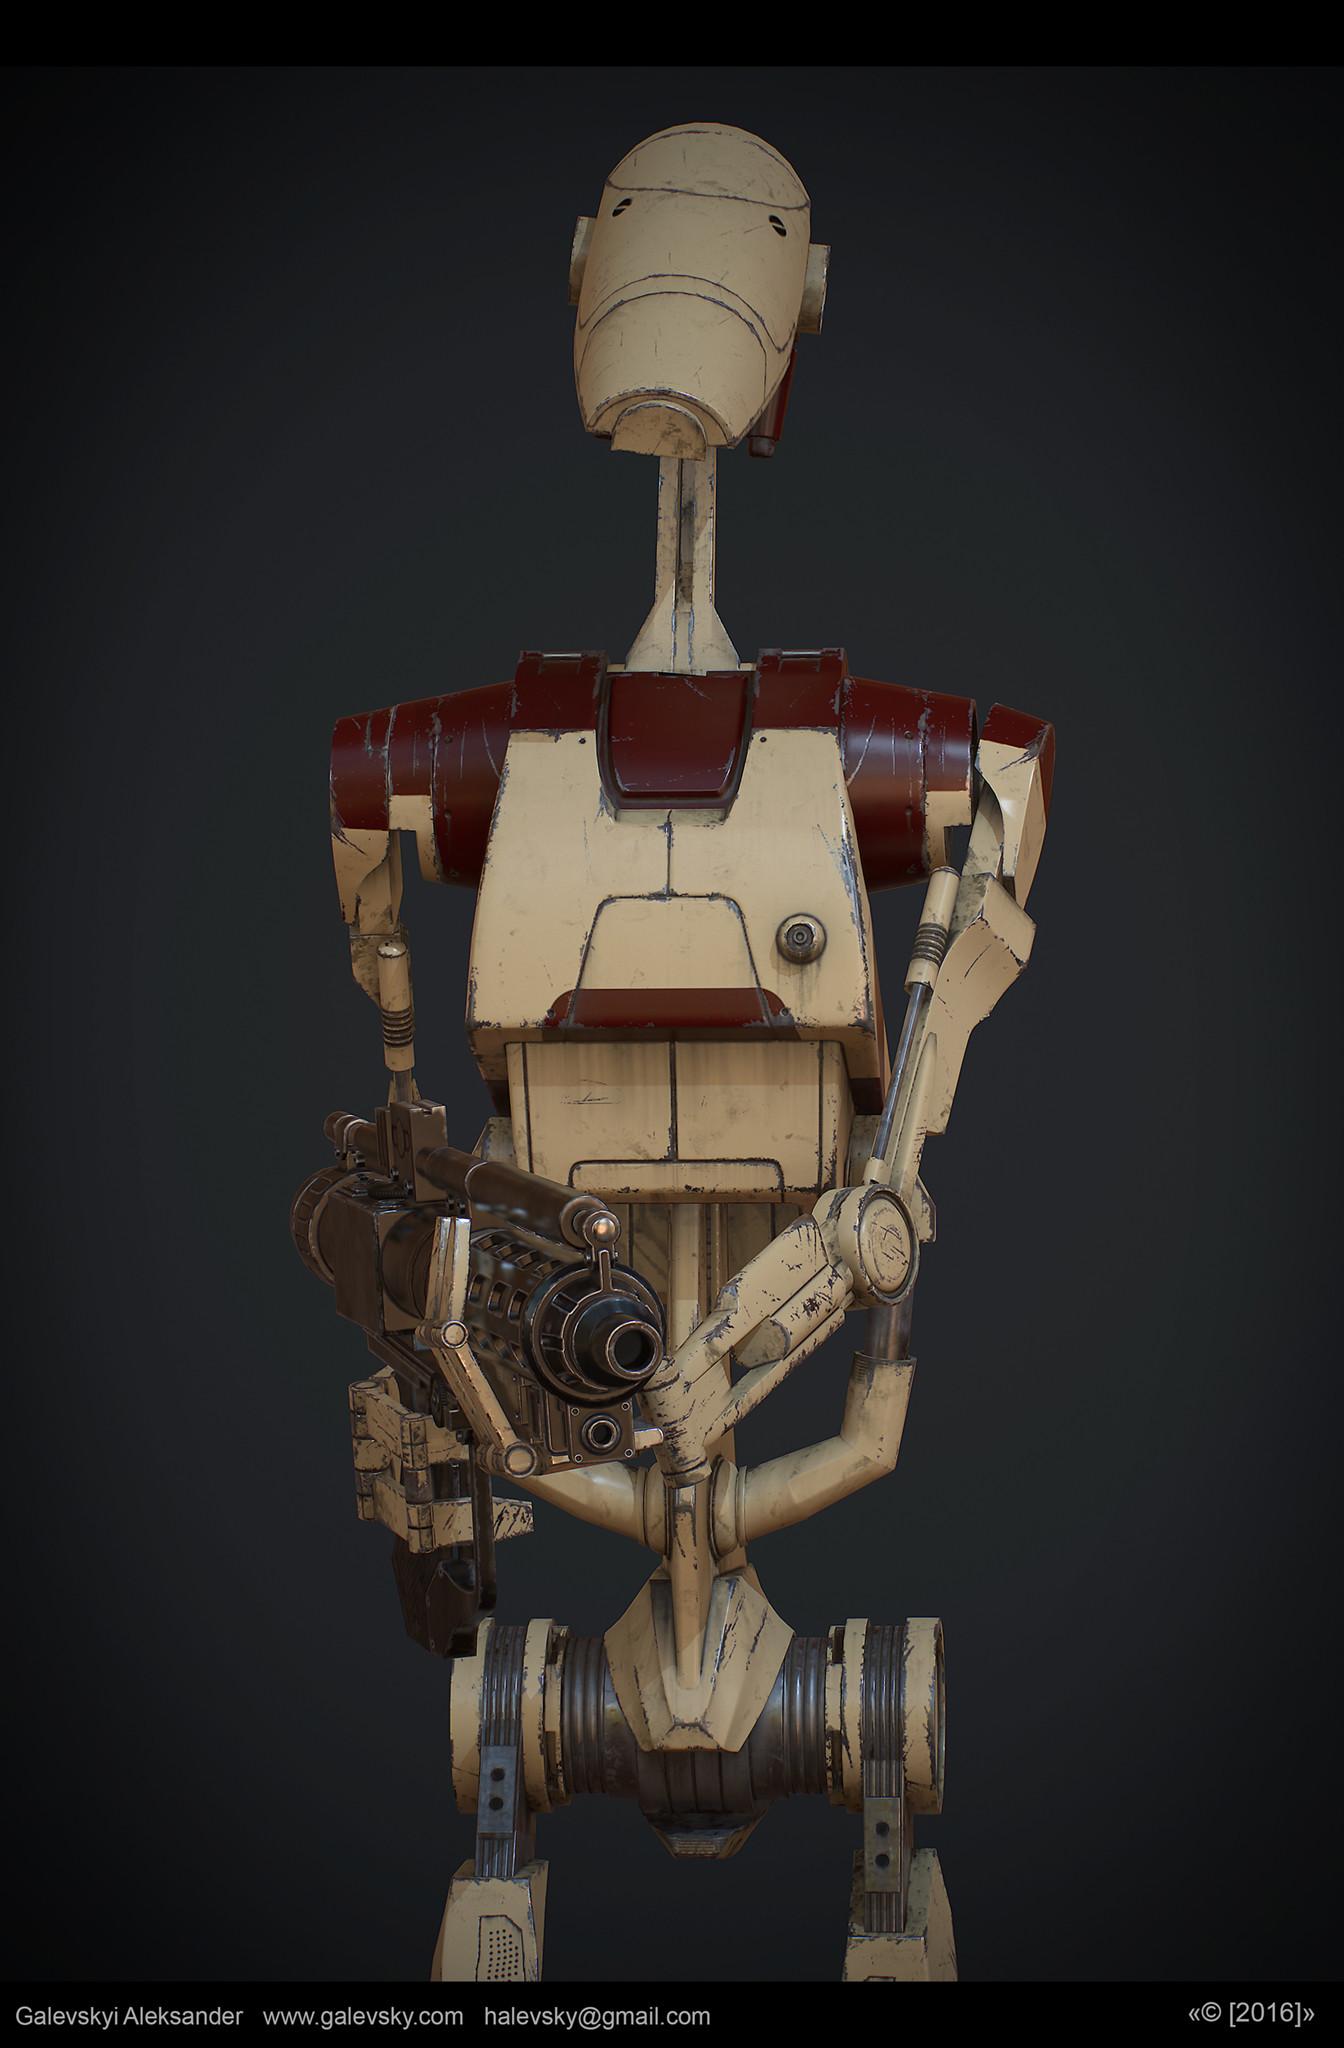 Aleksander galevskyi droid posed 04 mid